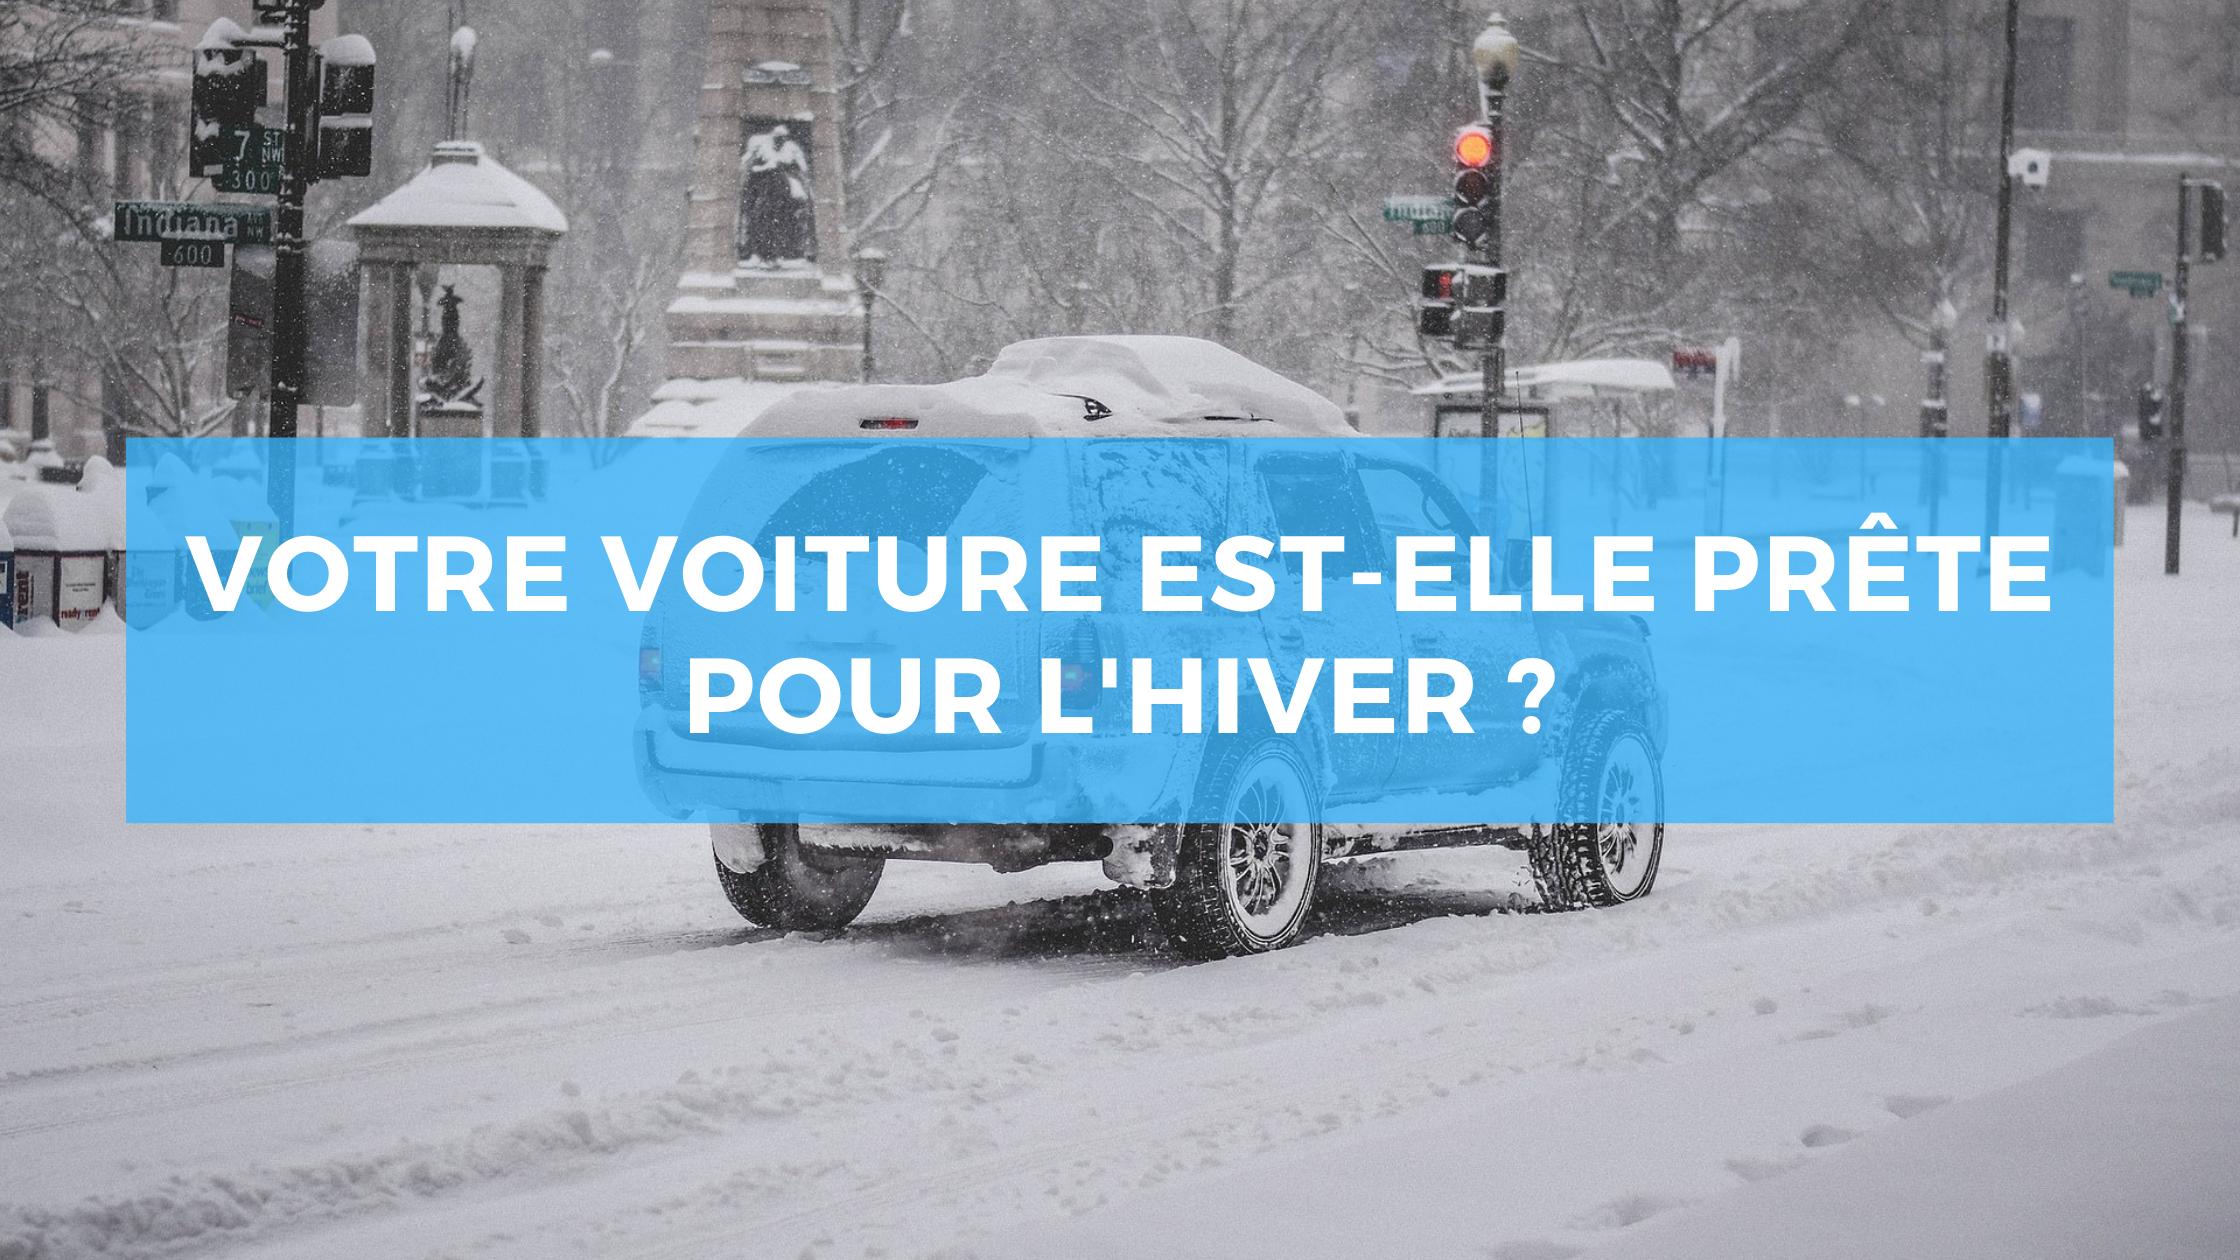 Votre voiture est-elle prête pour l'hiver ?